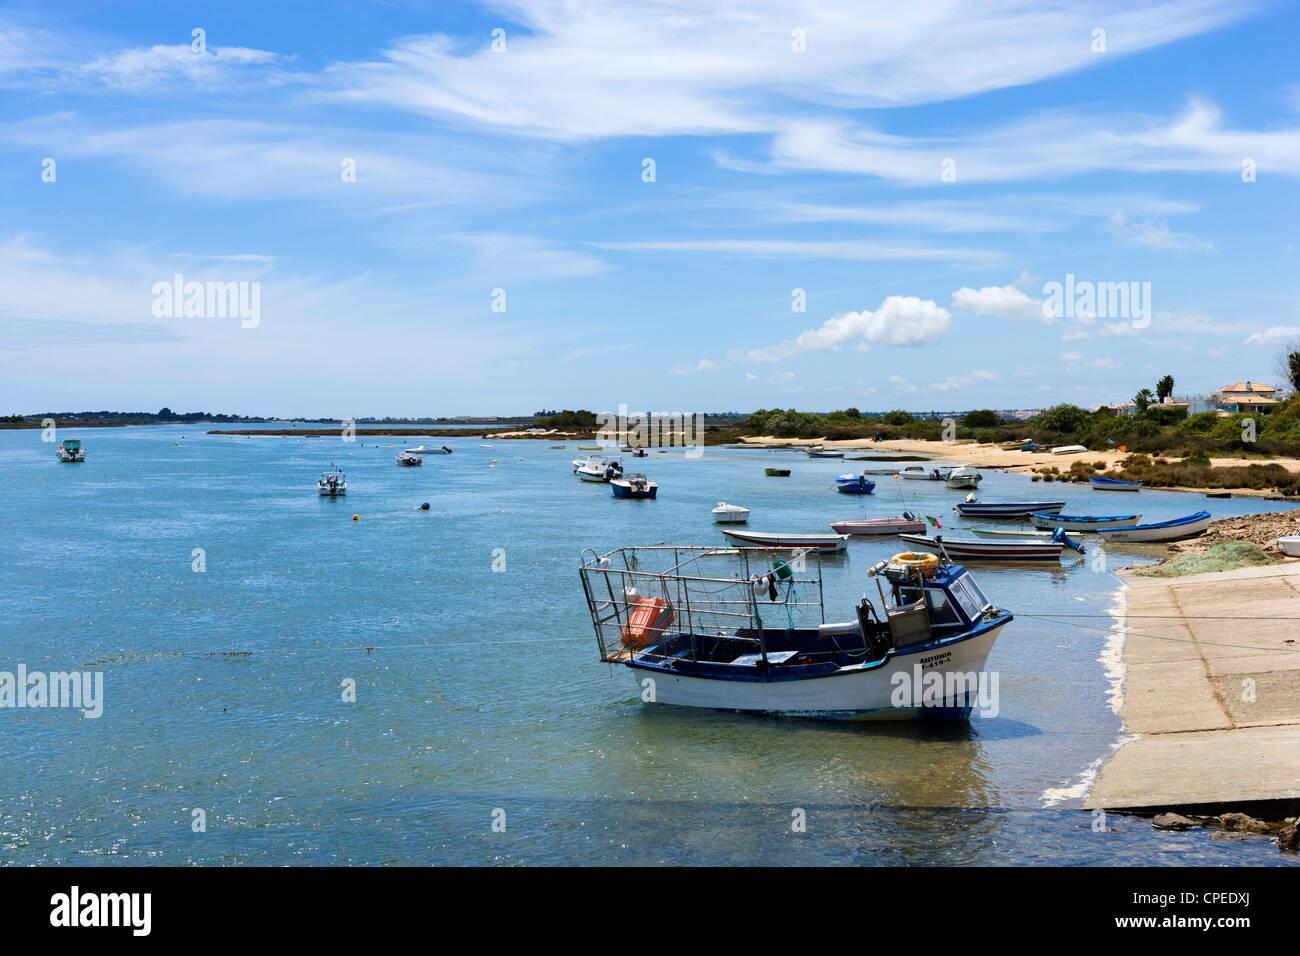 Boote im Hafen von Cabanas, in der Nähe von Tavira, Ost-Algarve, Portugal Stockbild